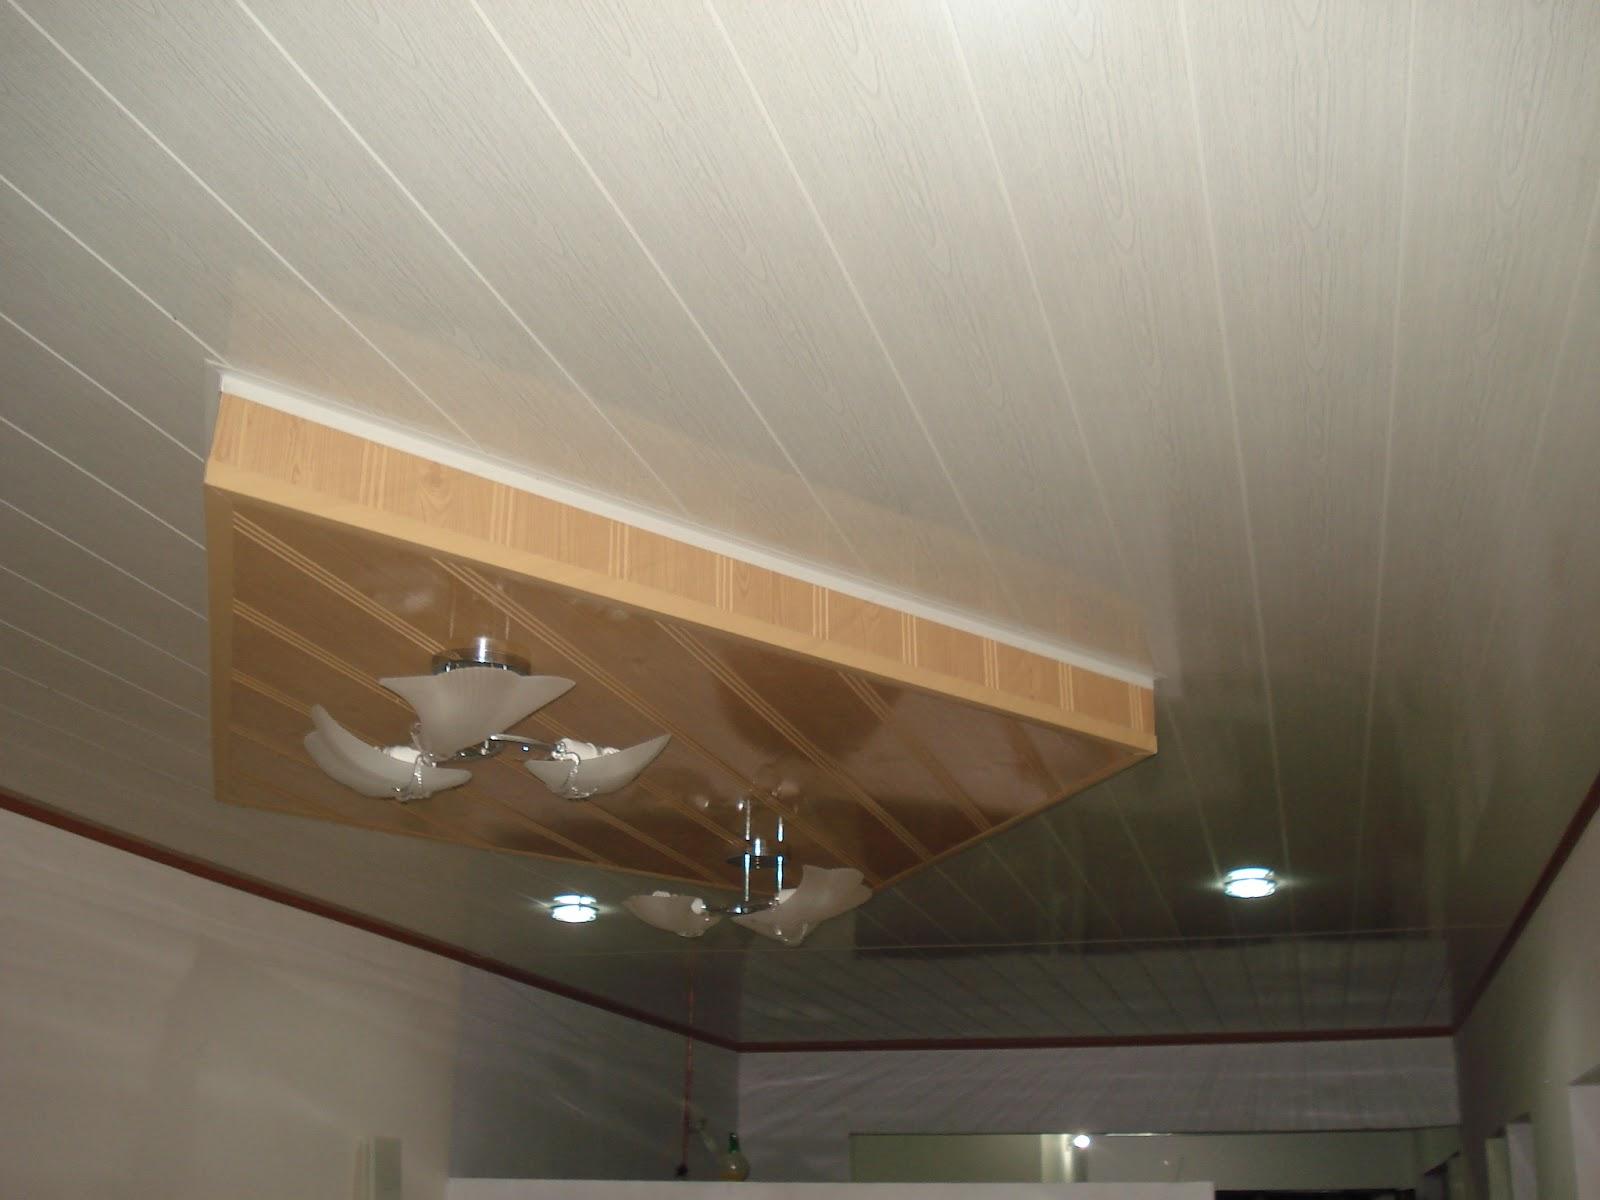 Wilson leon dise os arquitectonicos para sus espacios for Techos de drywall modernos